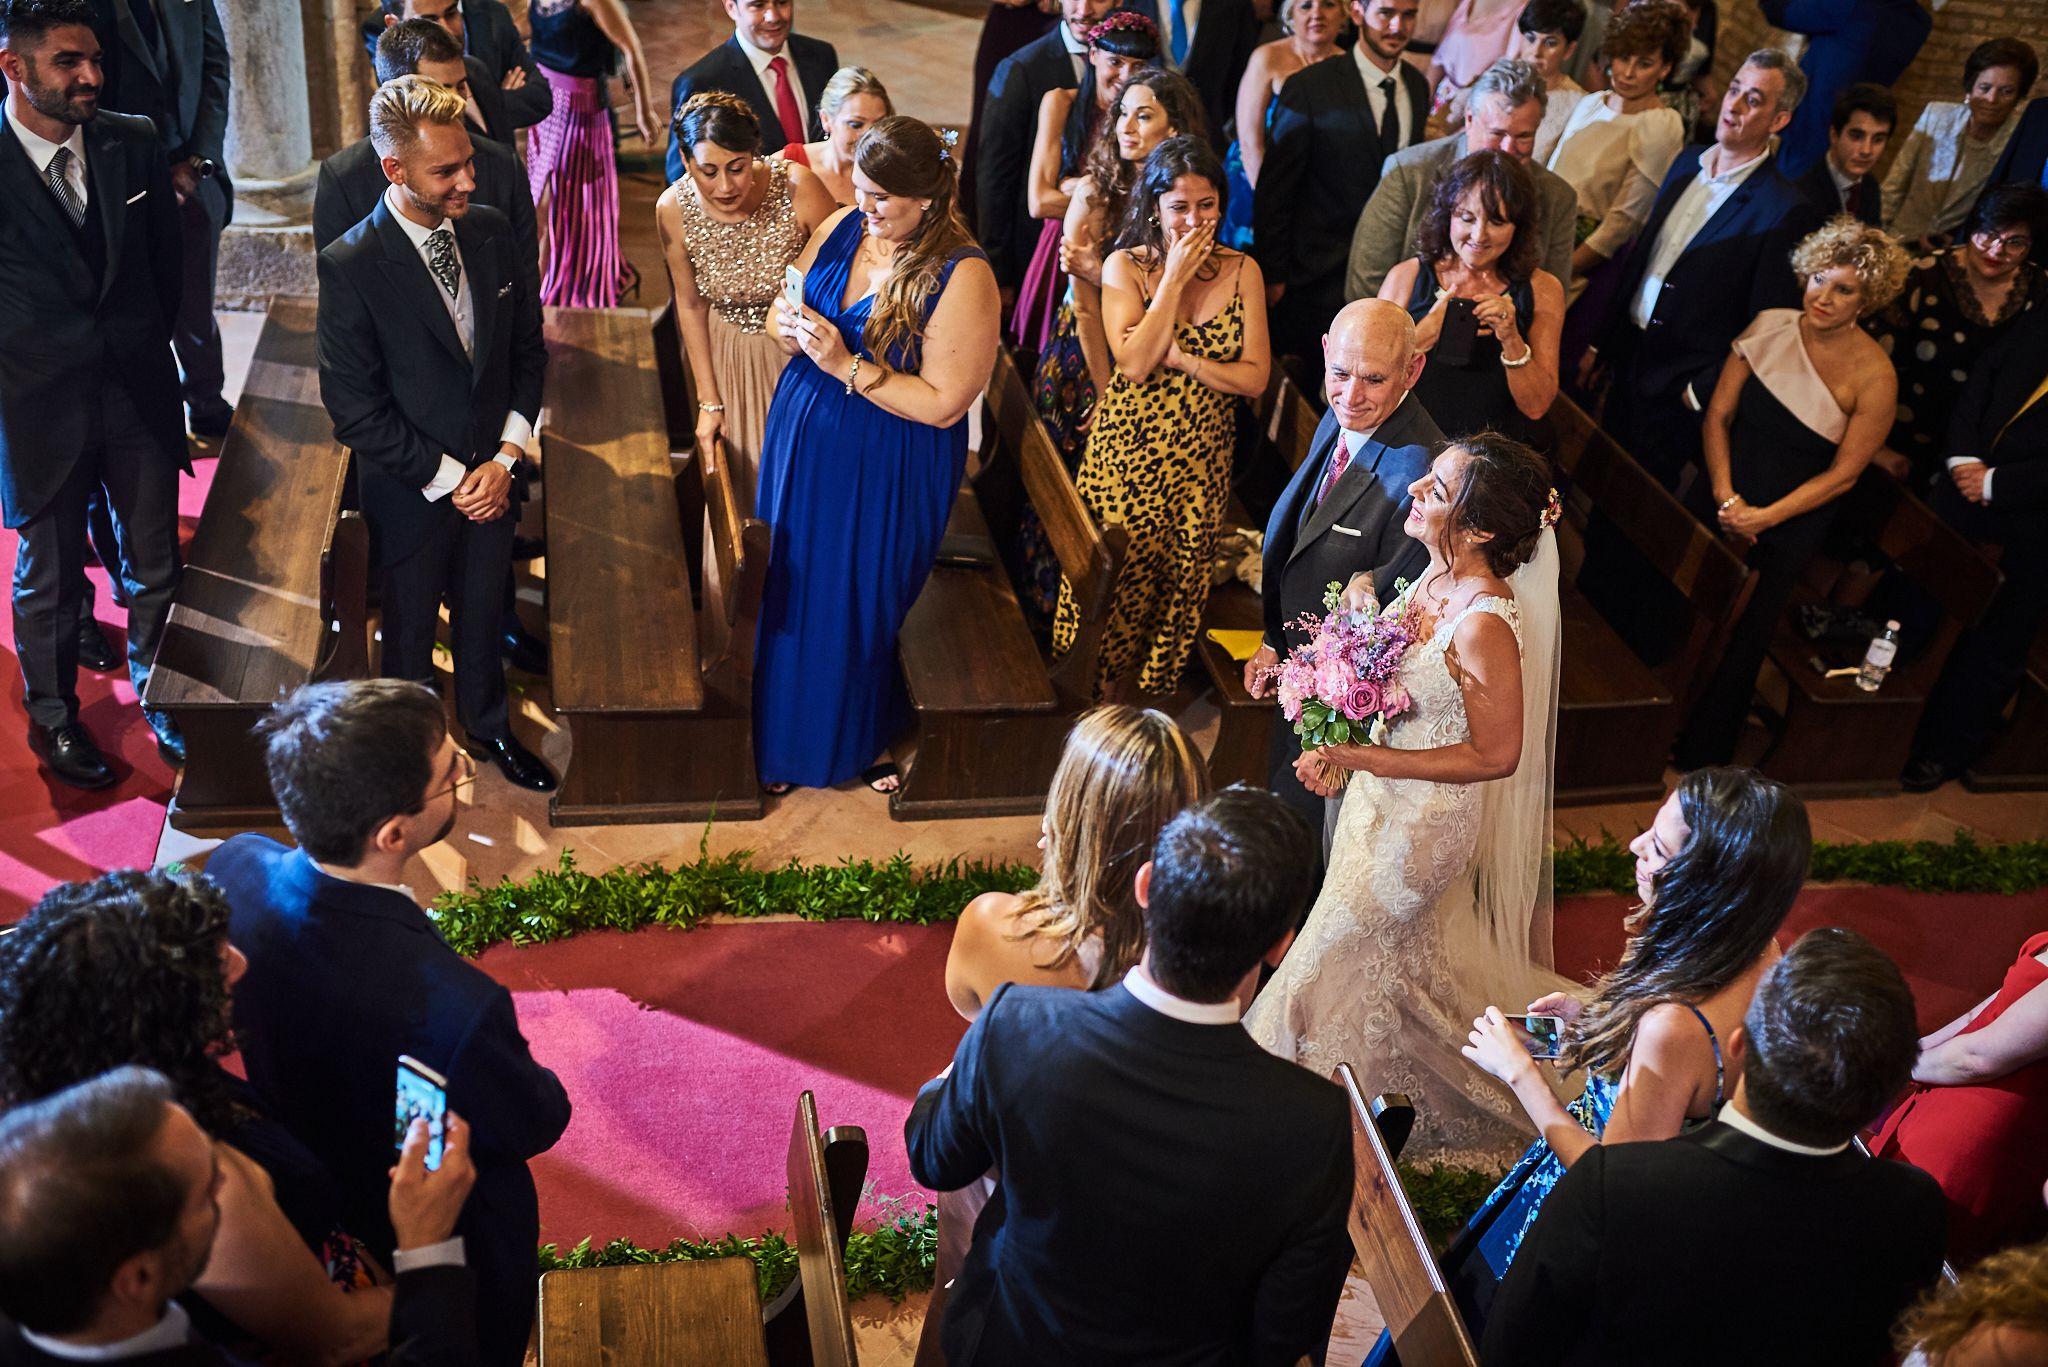 La-22Destination-Wedding22-en-Moguer-de-Lauren-y-JosC3A9-Antonio-JoseAntonio-alejandromarmol1256.jpg